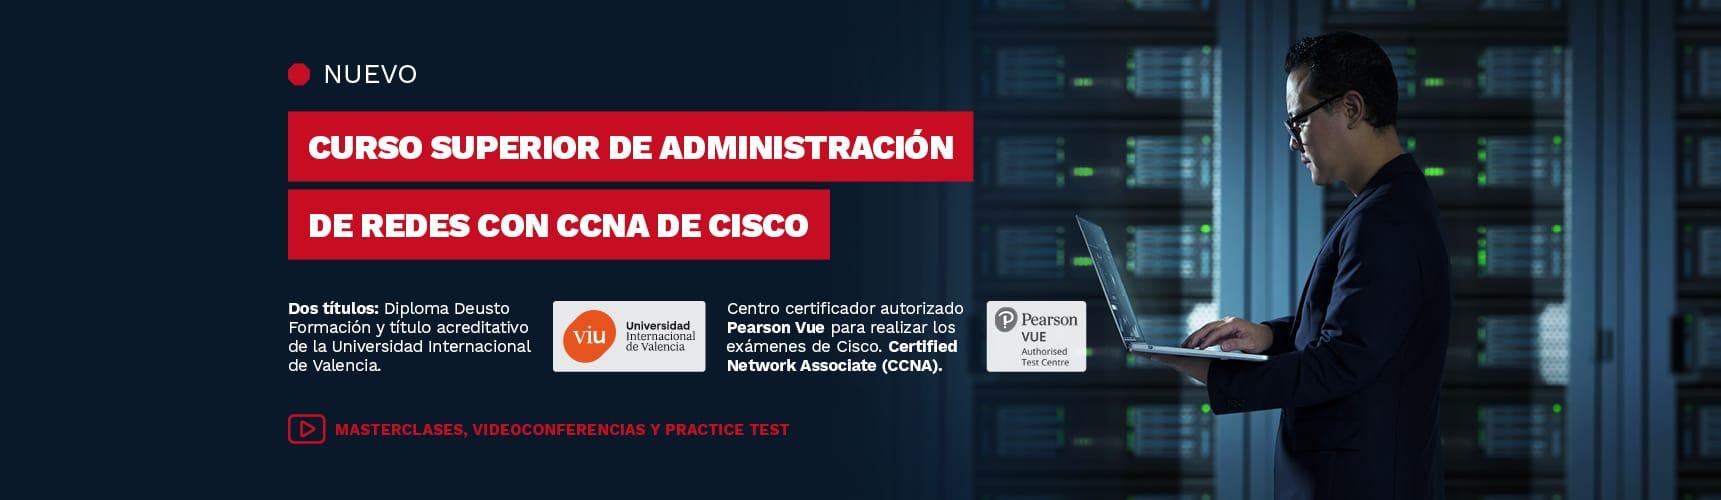 Nuevo Curso Superior de Administración de redes con CCNA de Cisco